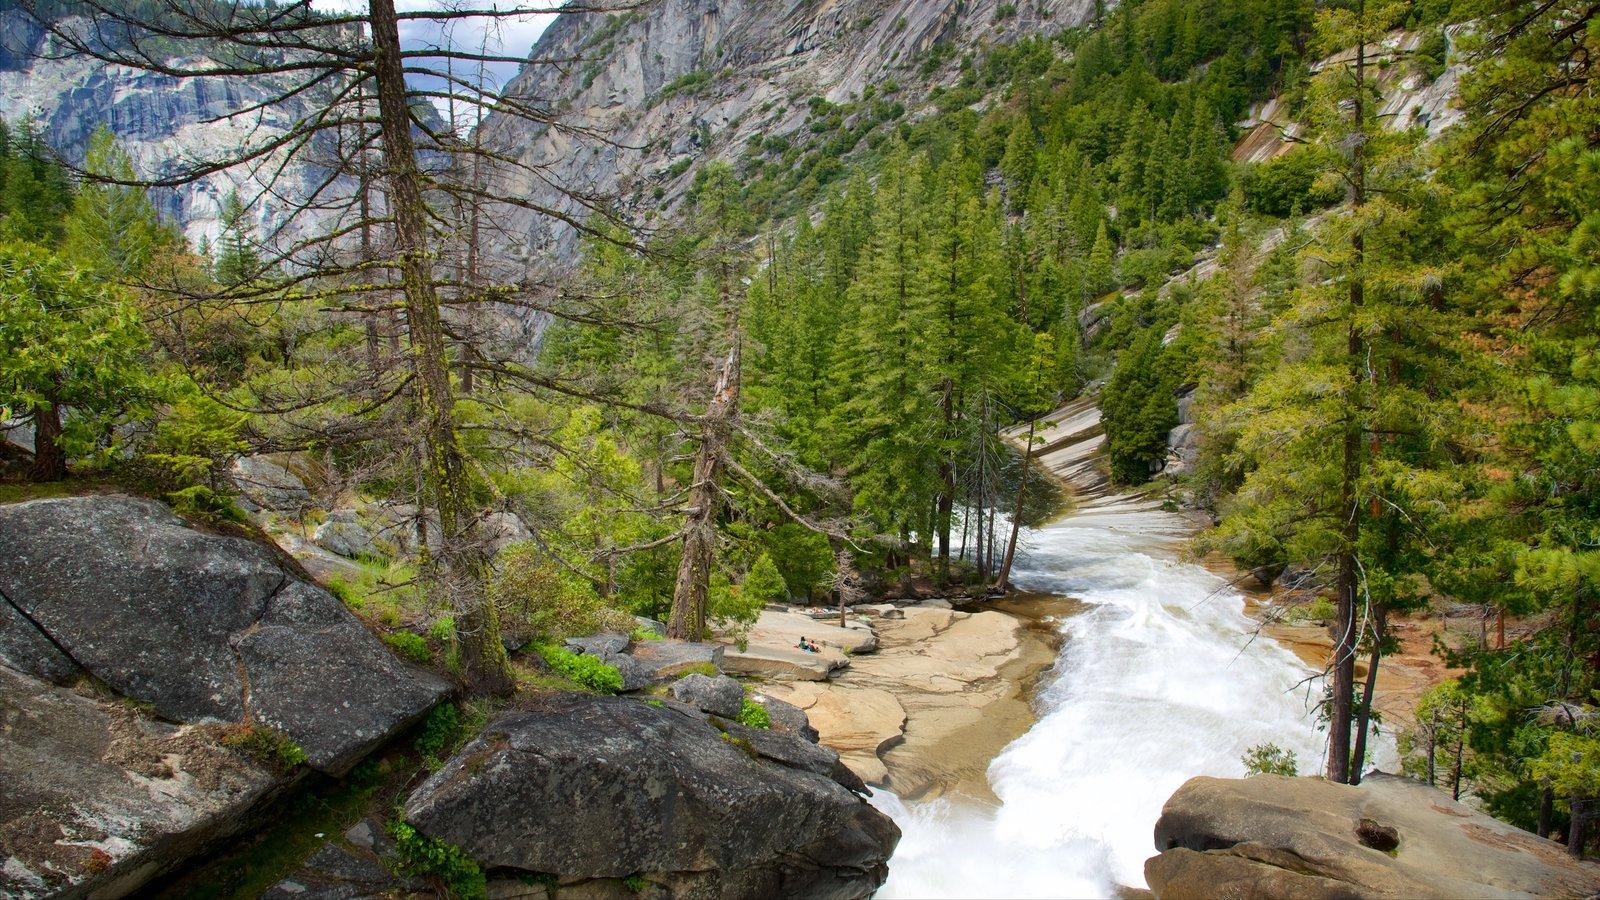 Parque Nacional Yosemite que incluye un río o arroyo, escenas forestales y escenas tranquilas